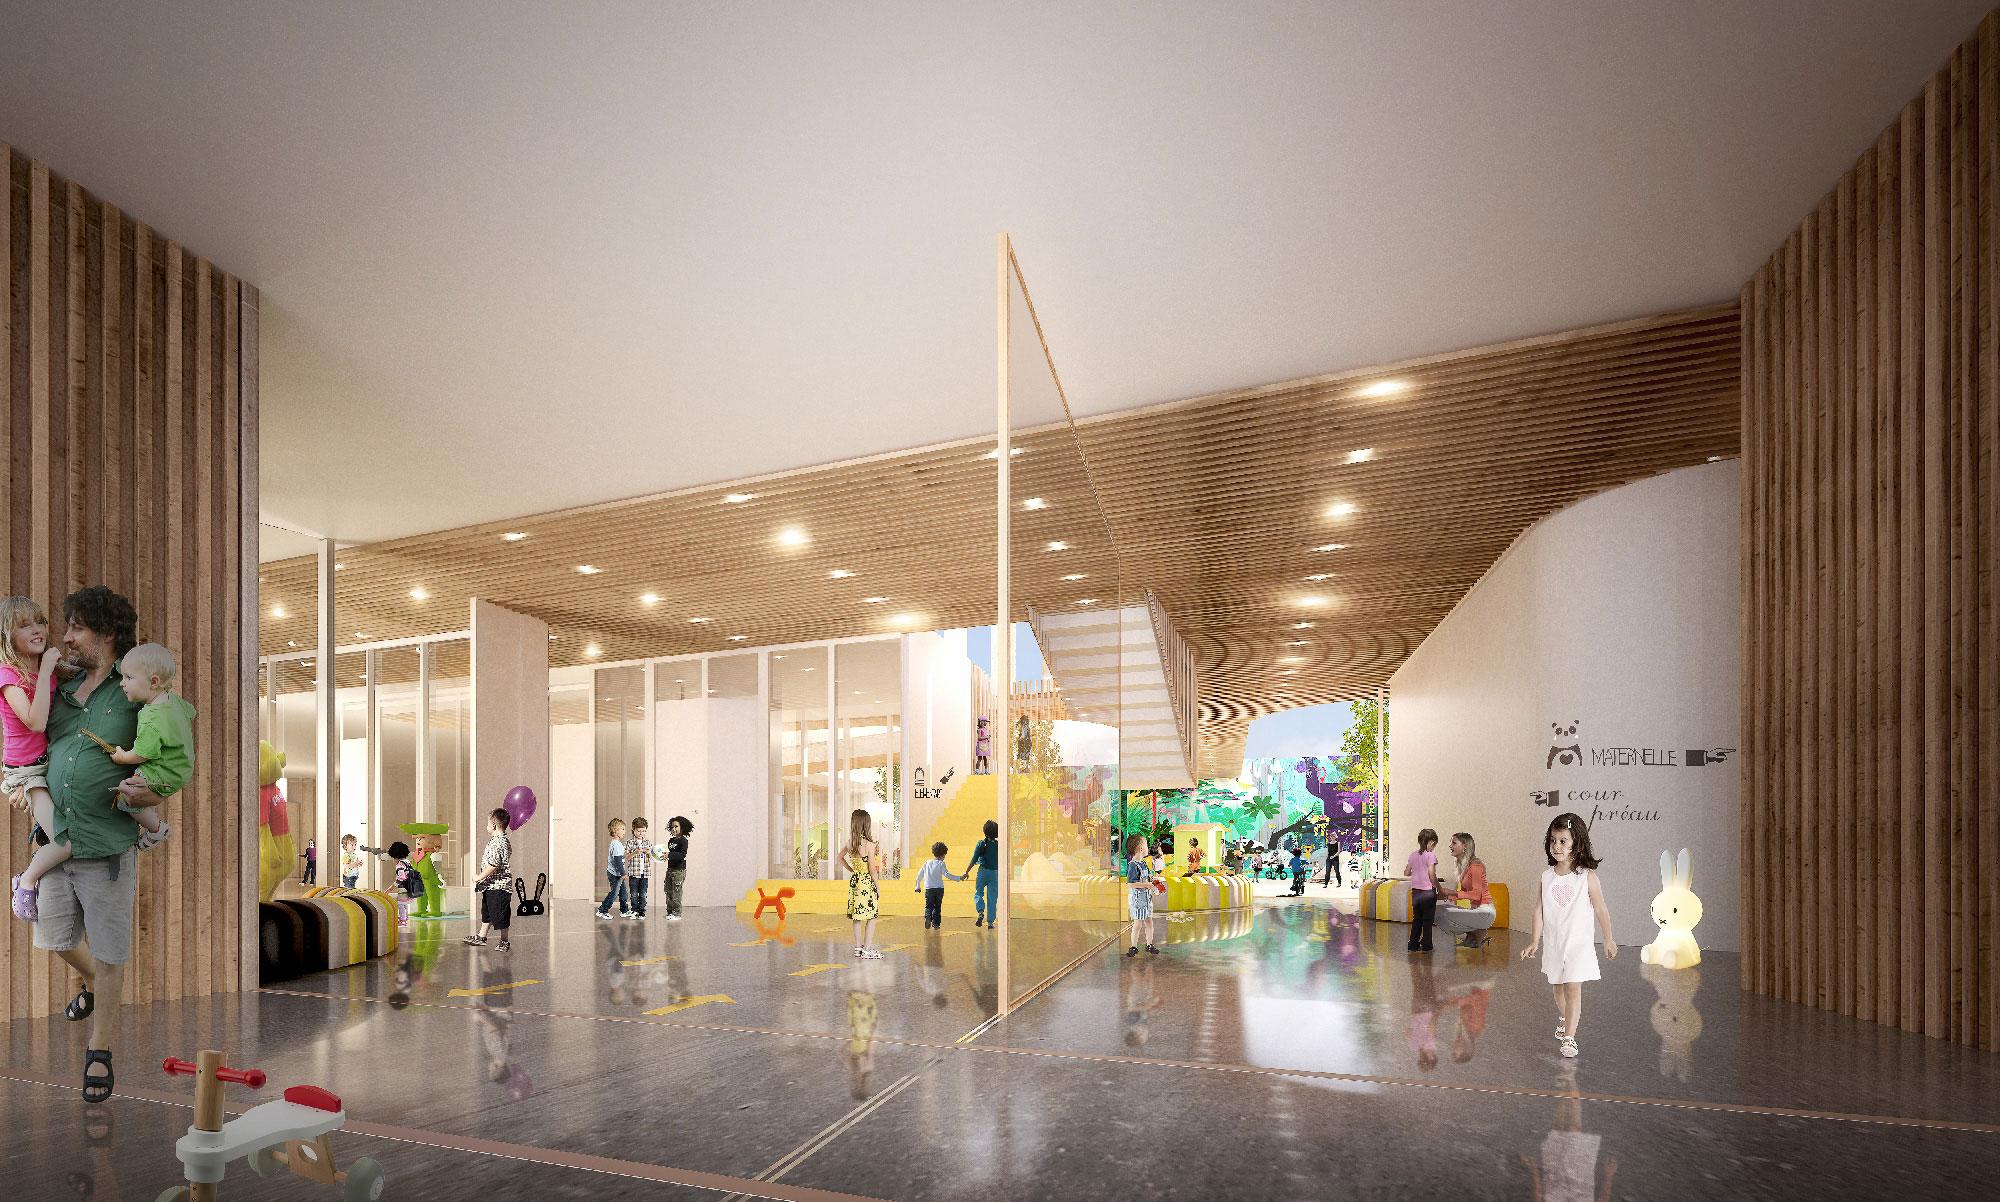 Hall - concours architectural pour la réalisation d'un groupe scolaire à Montpellier Port Marianne - Tautem architecture